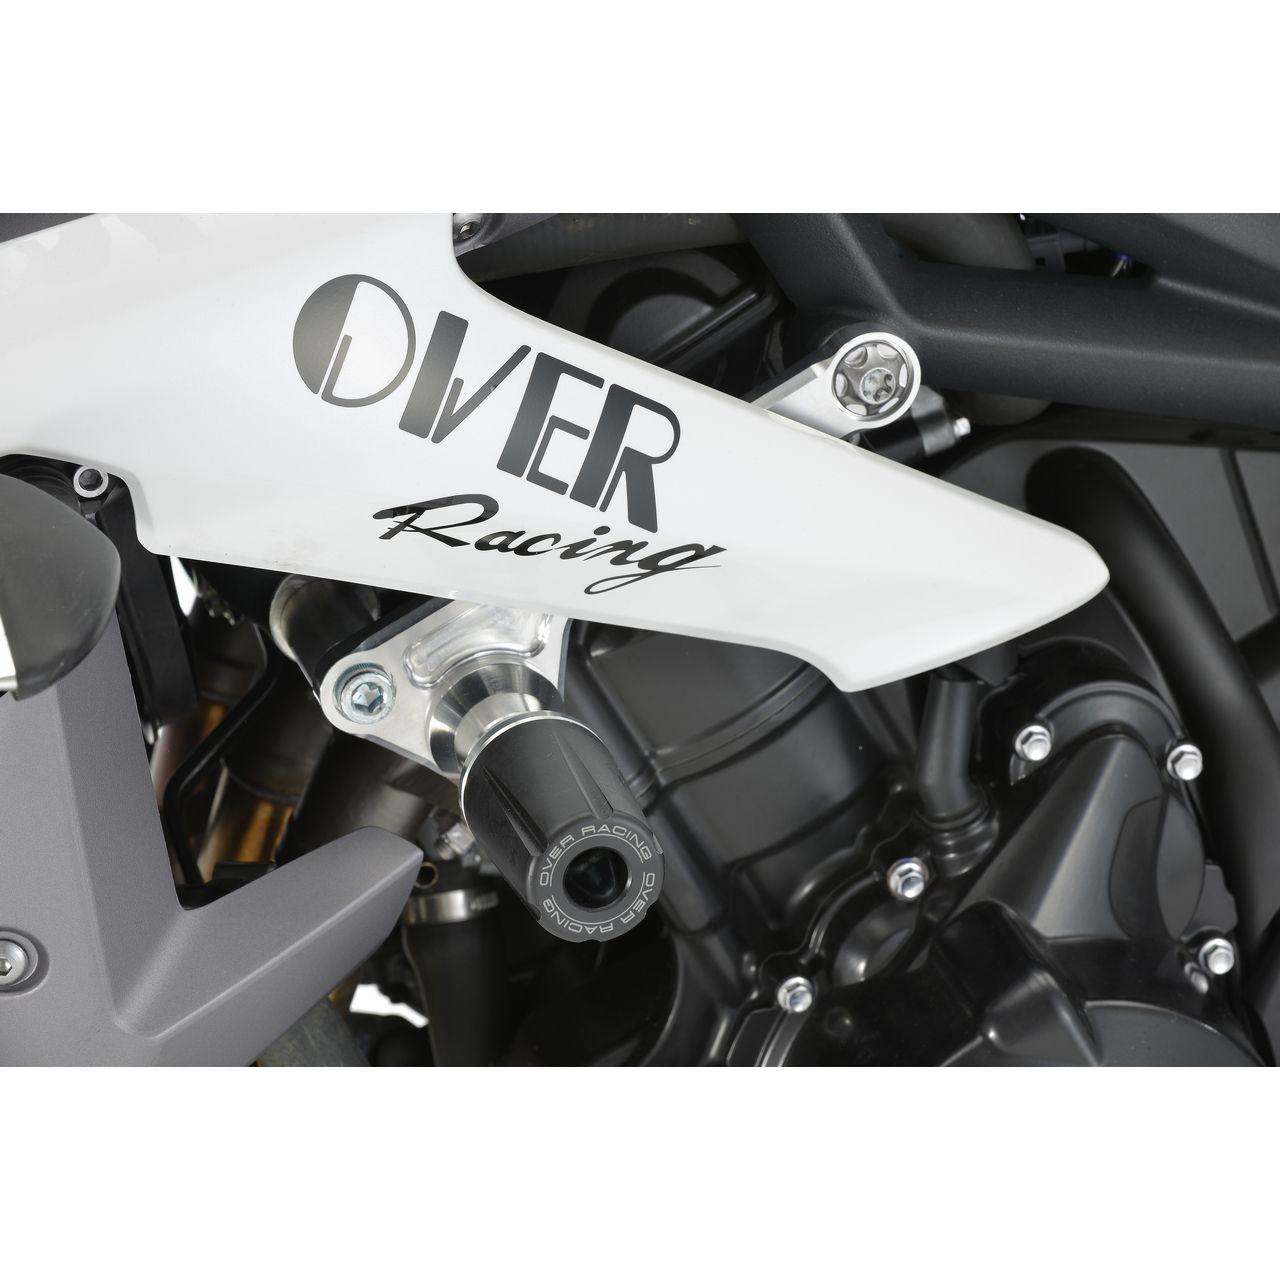 【OVER】車架滑塊(防倒球) - 「Webike-摩托百貨」